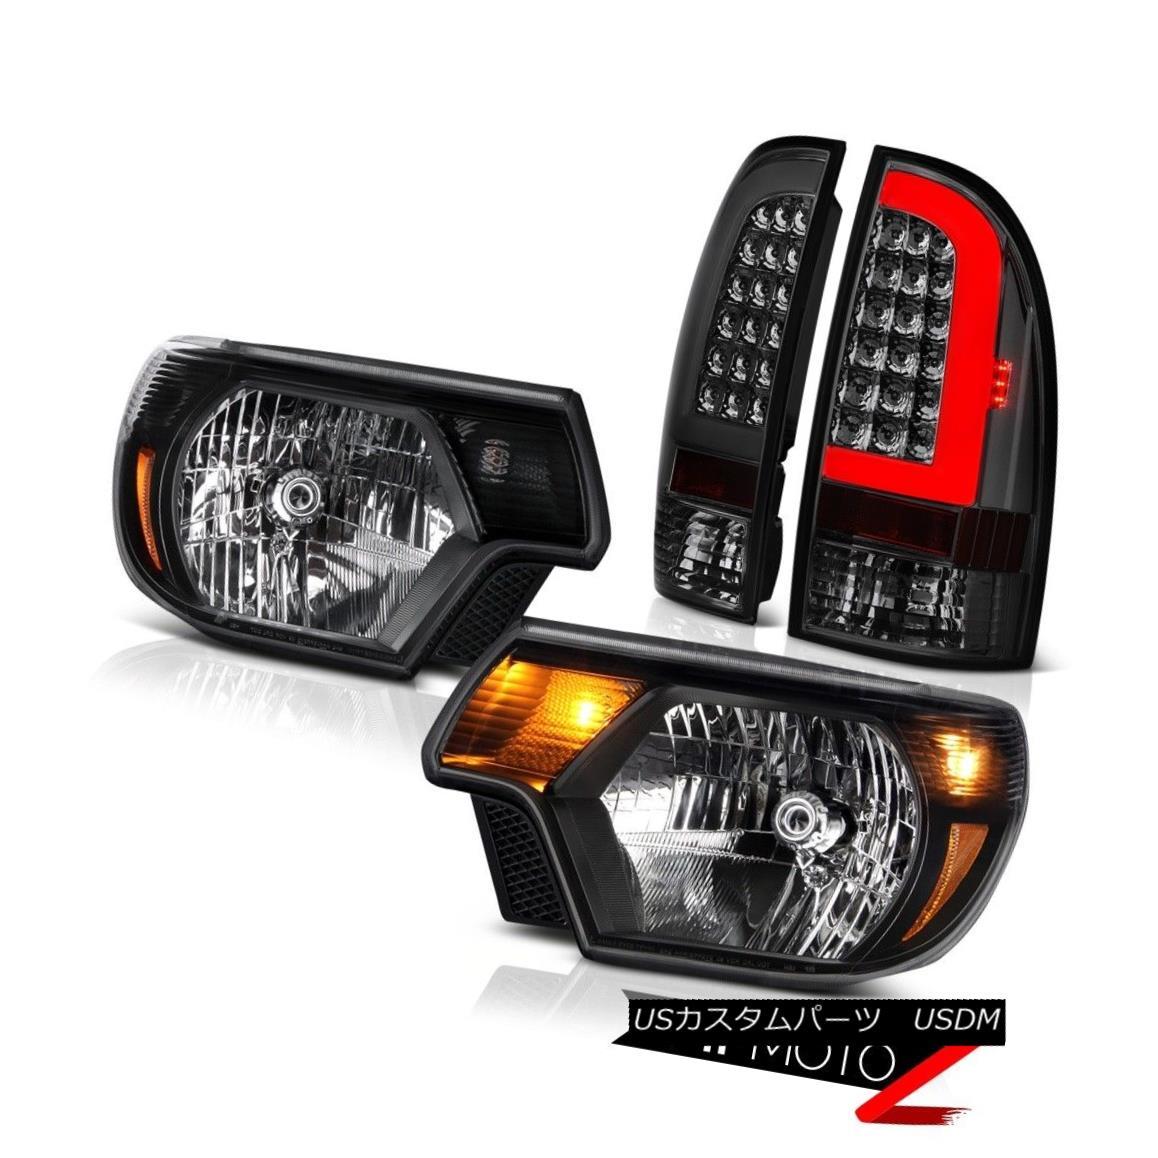 テールライト 12 13-15 Toyota Tacoma Rear Inky Black Factory Style Head Lights Replacement Set 12 13-15トヨタタコマリアインキーブラックファクトリースタイルヘッドライト交換セット